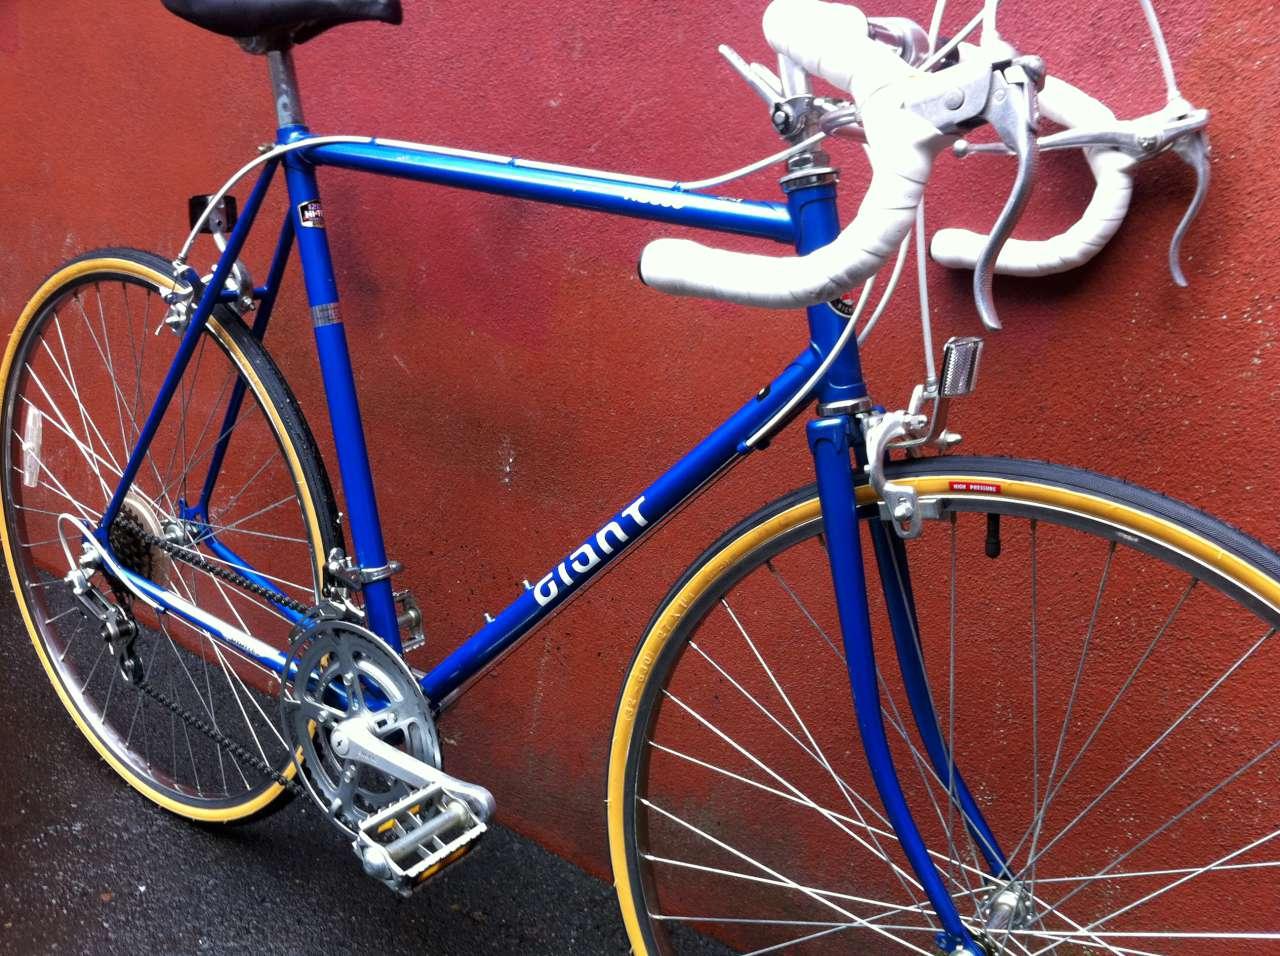 Bike Boom Refurbished Bikes Giant Rs900 Blue Road Bike